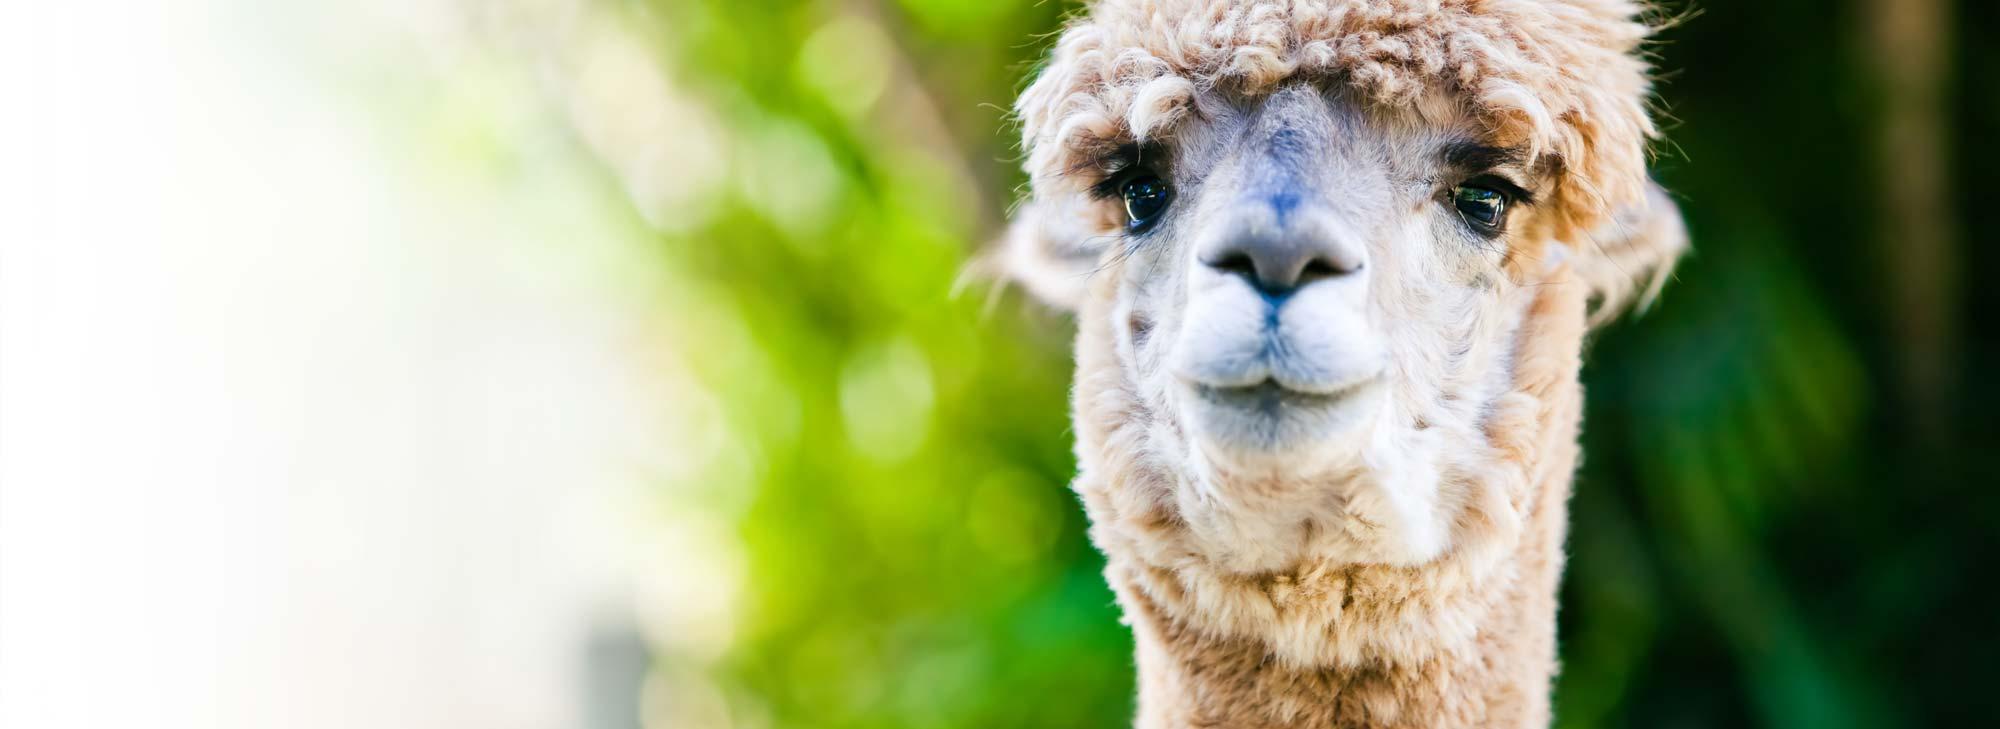 slider-landgoed-alpaca